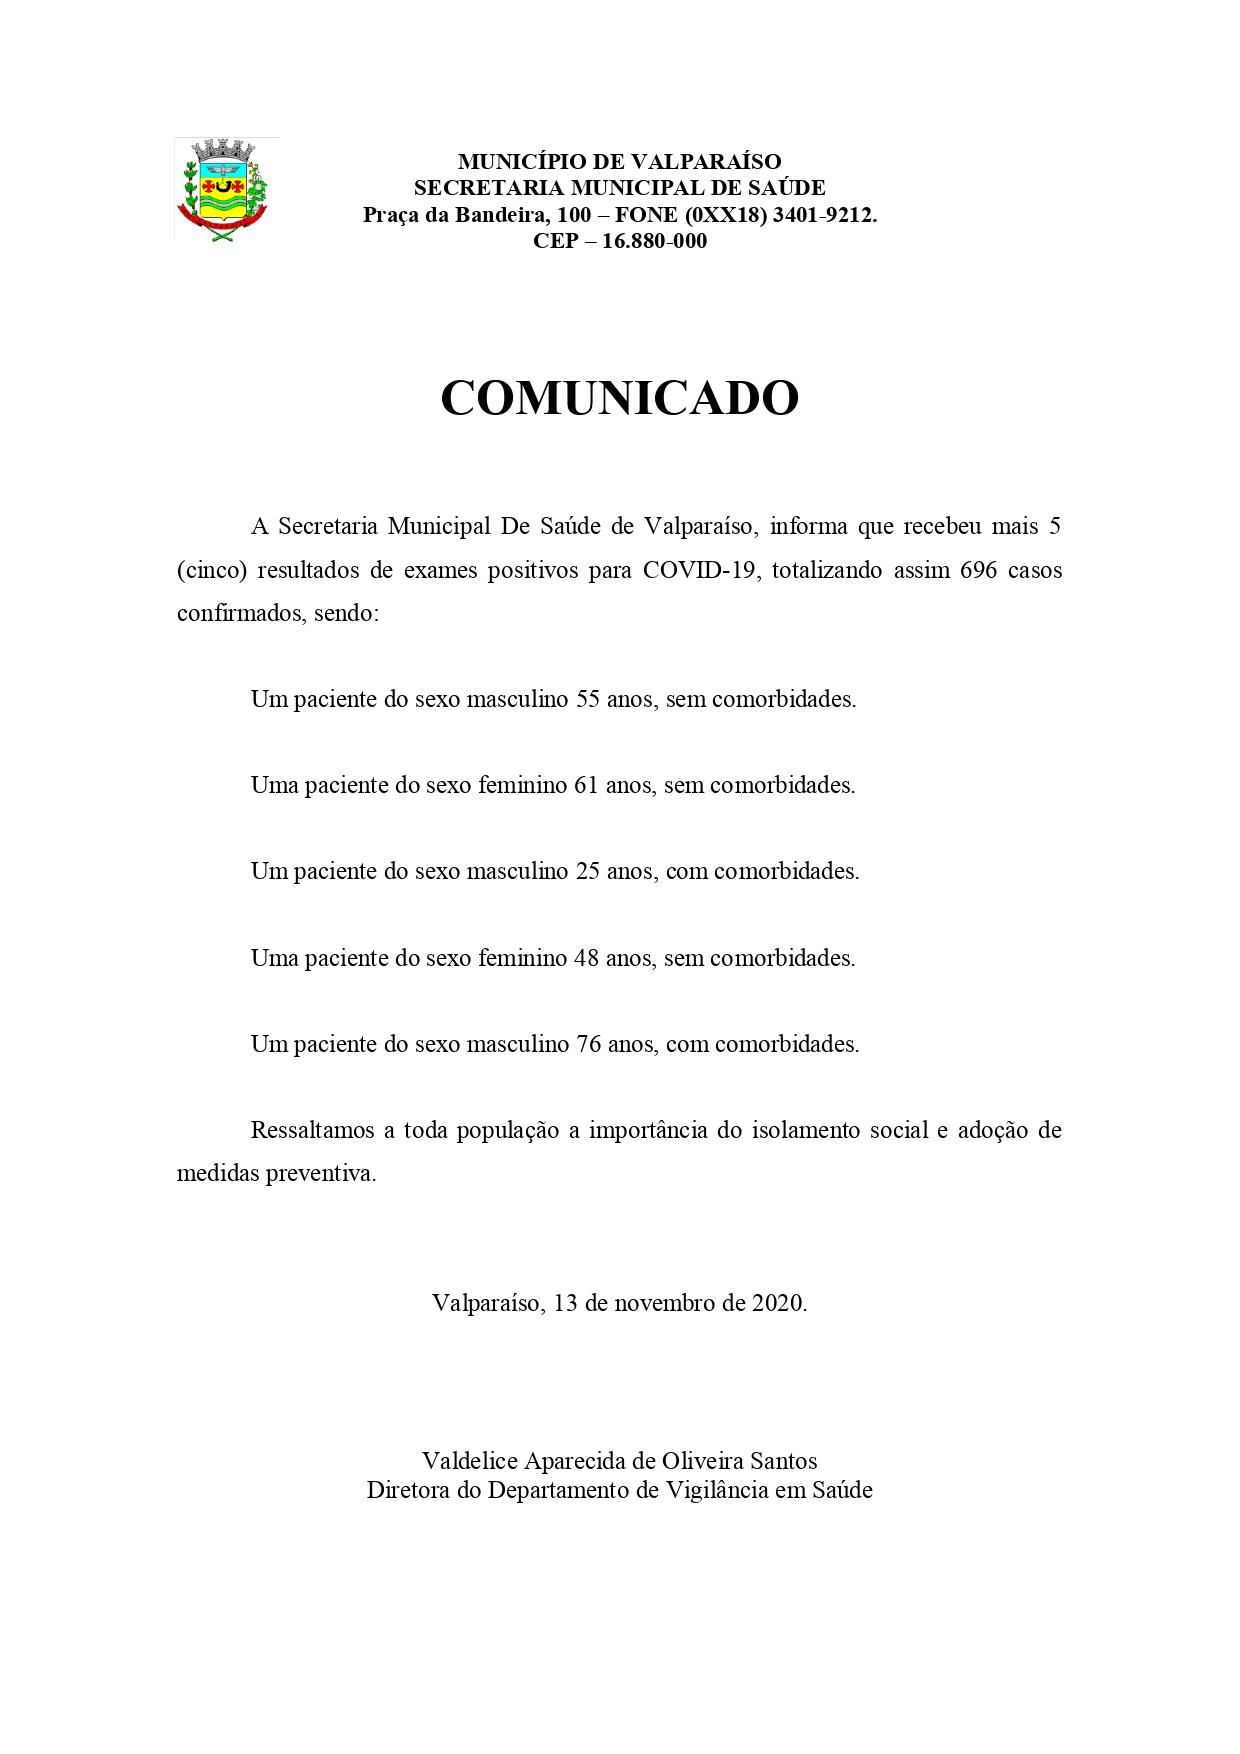 covid696